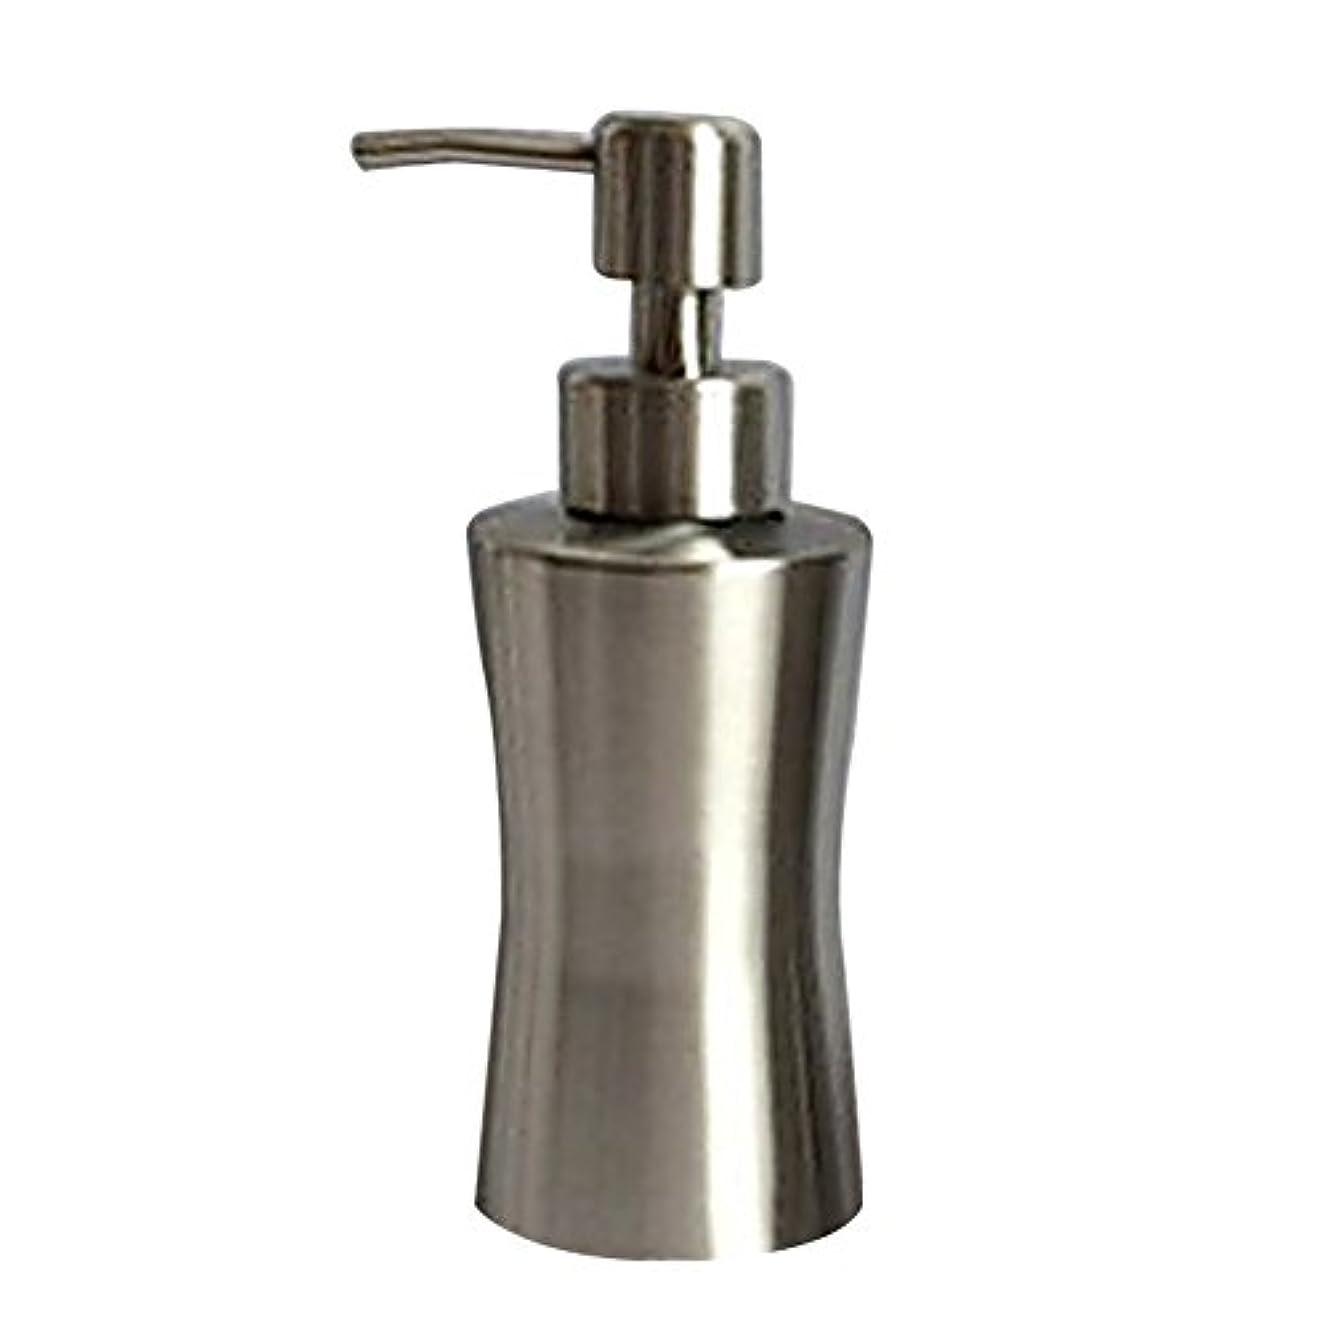 マザーランドグリーンバック一般的にPueriソープローションディスペンサーステンレススチール液体ソープディスペンサーポンプ付きキッチンやバスルーム A:220ml シルバー Pueri-123